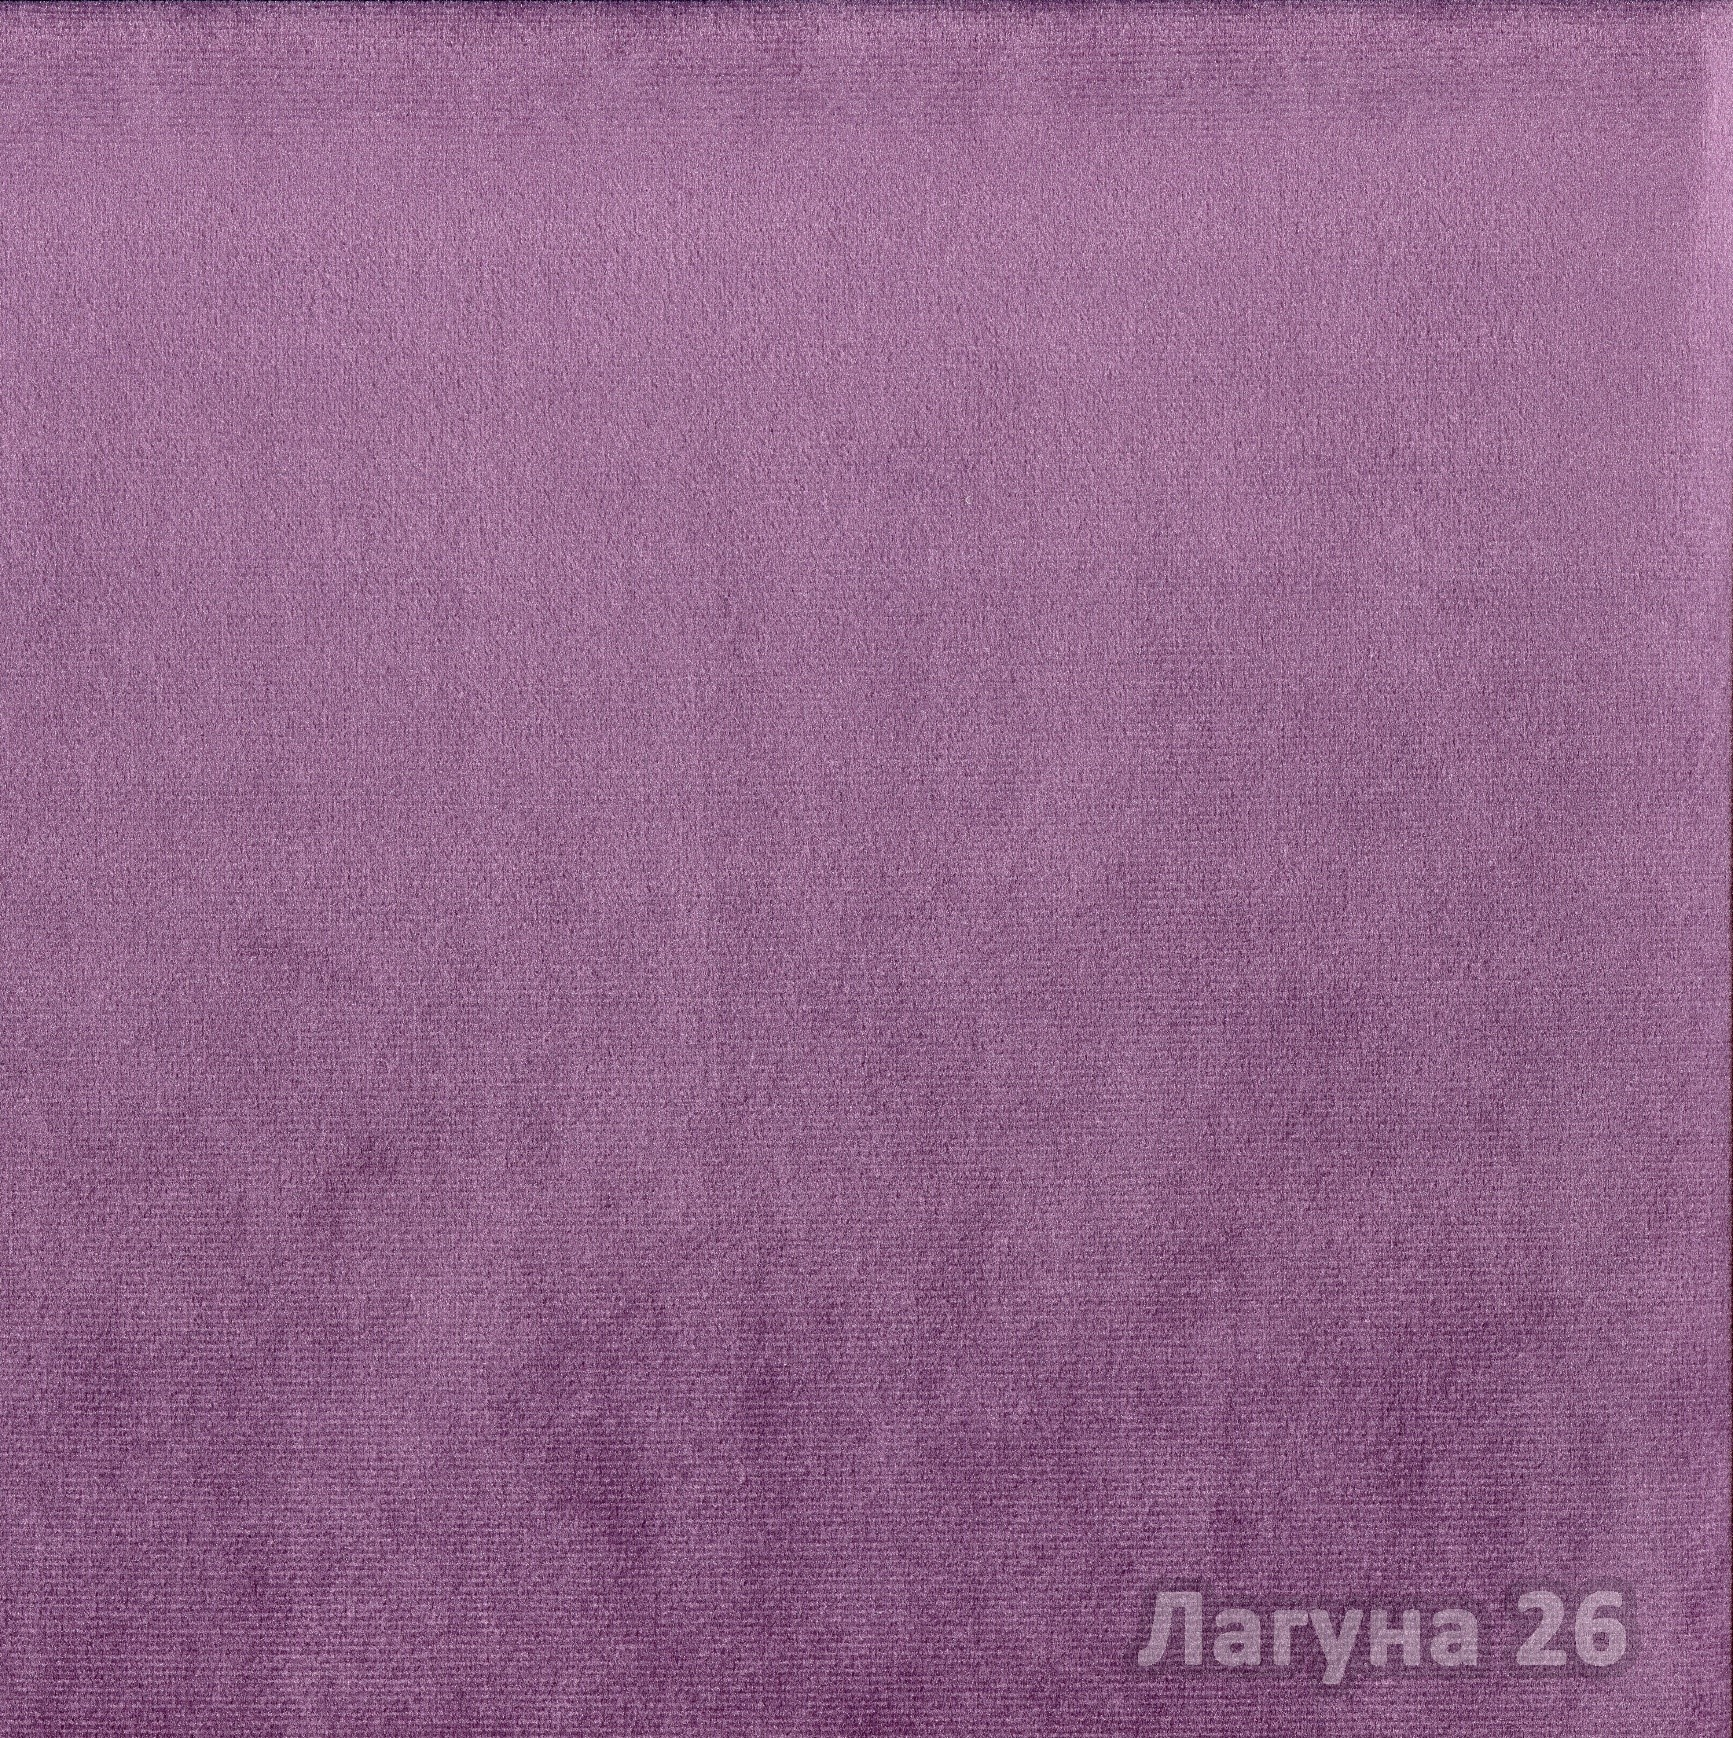 Коллекция ткани Лагуна 26,  купить ткань Велюр для мебели Украина